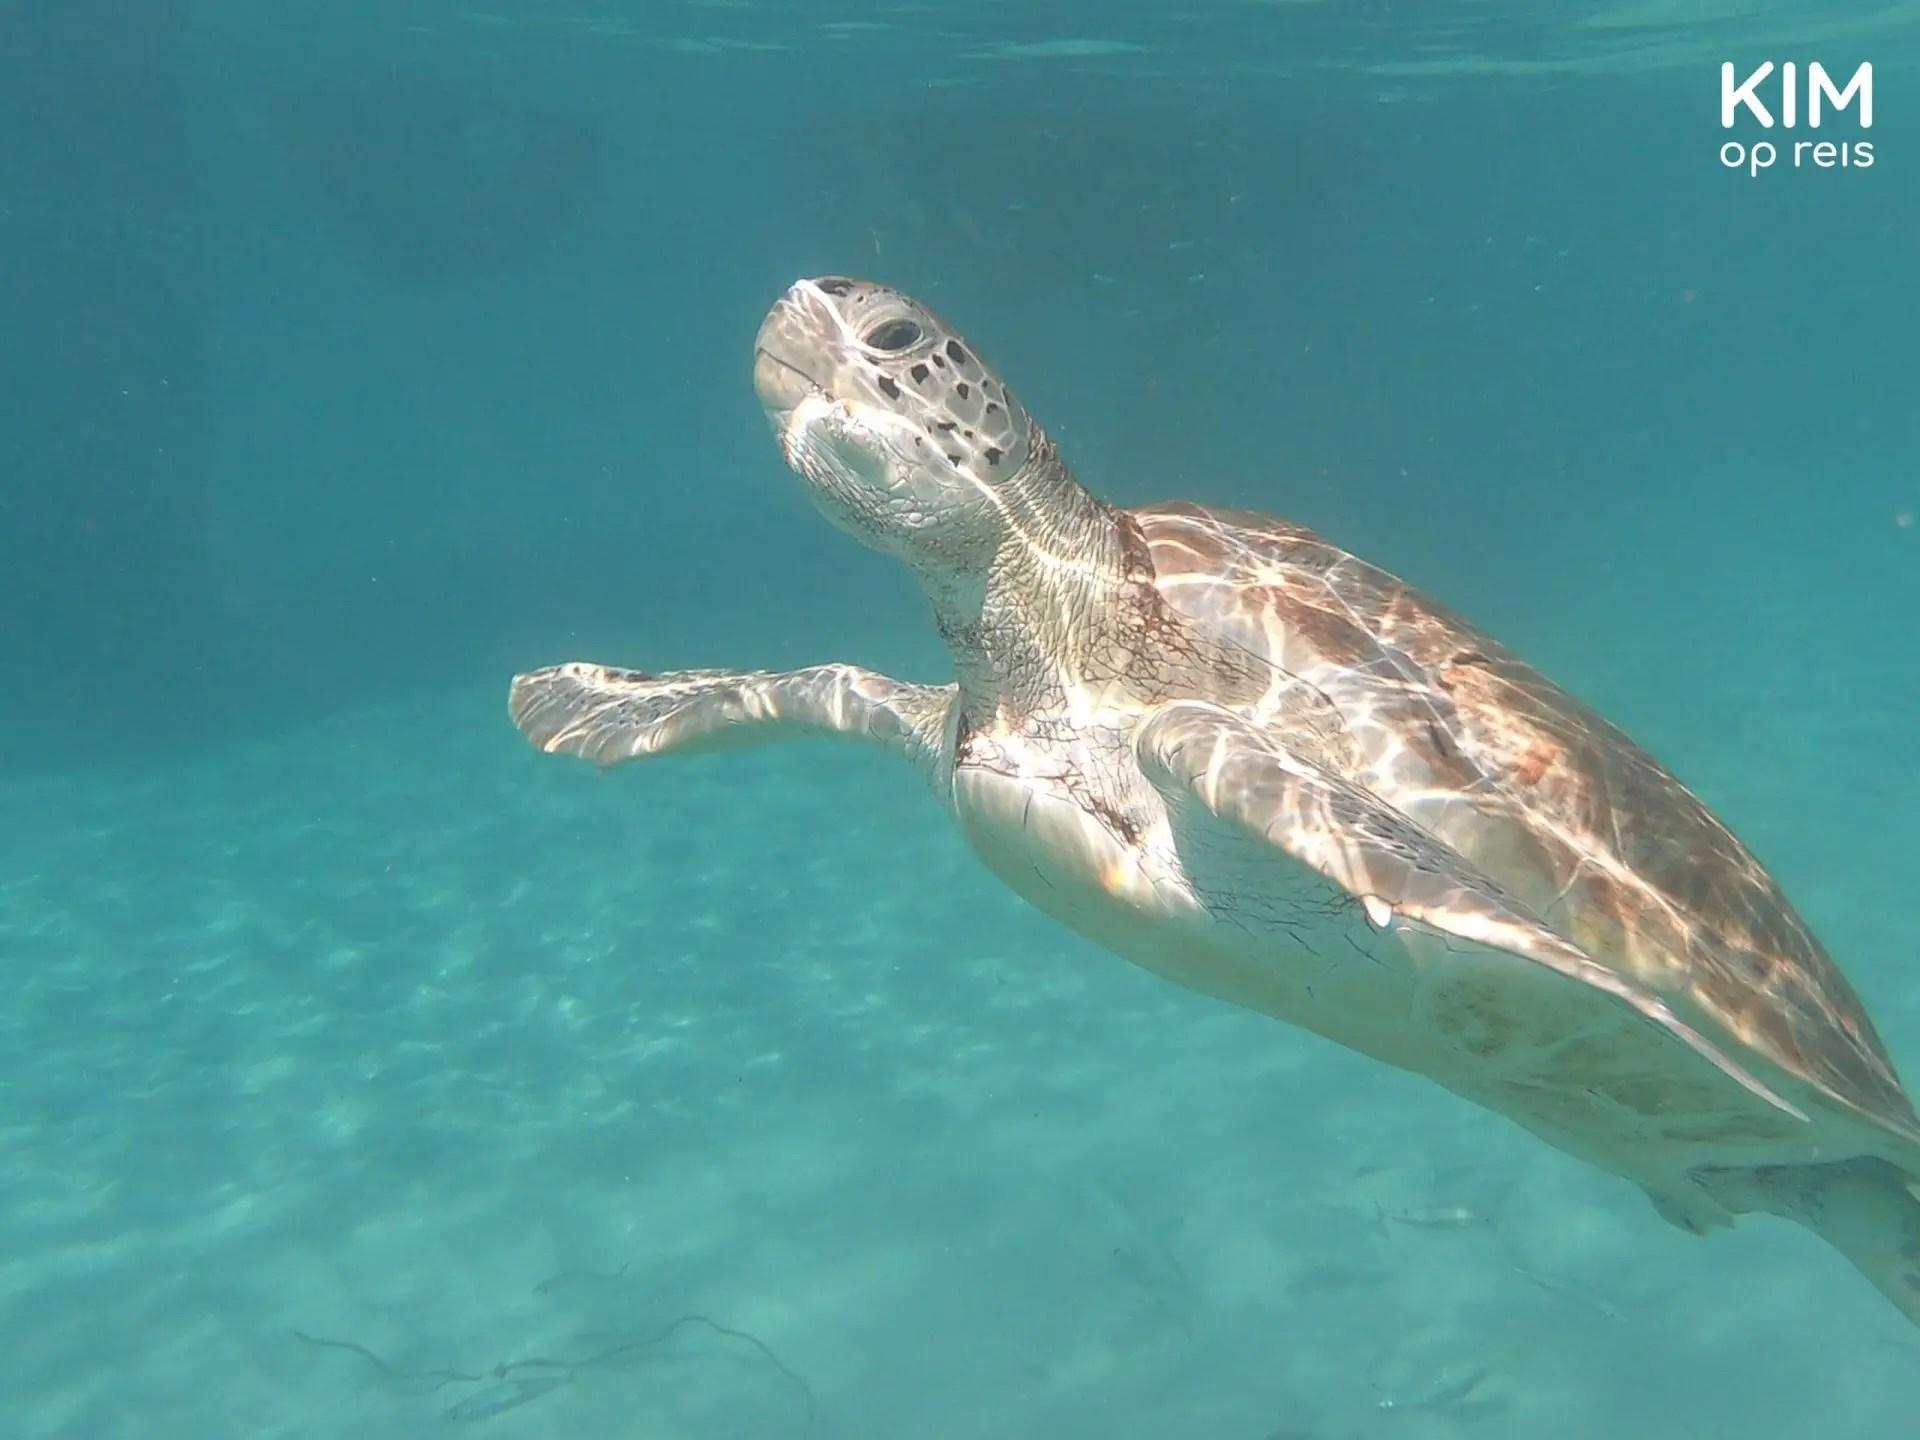 snorkelen met schildpadden Curaçao: schildpad zwemt omhoog om lucht te gaan halen